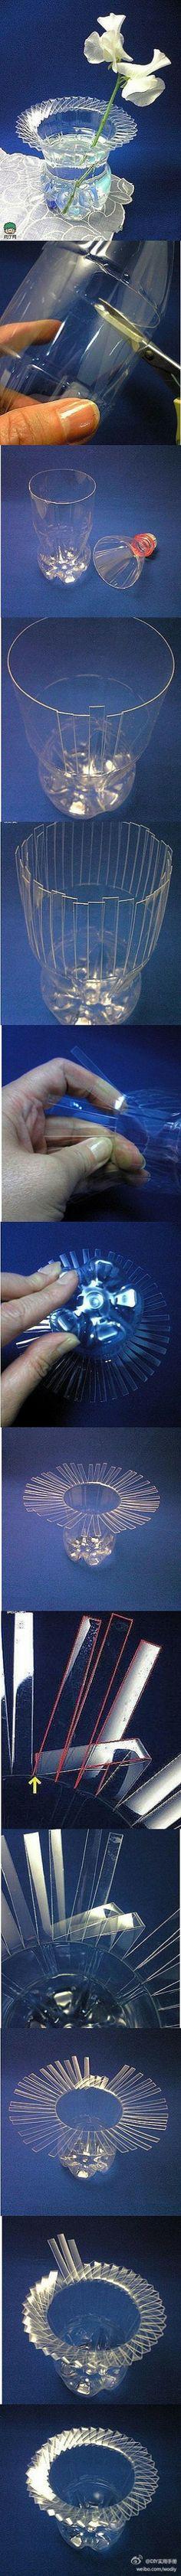 Geweldige manier om een oude plastic fles te gebruiken